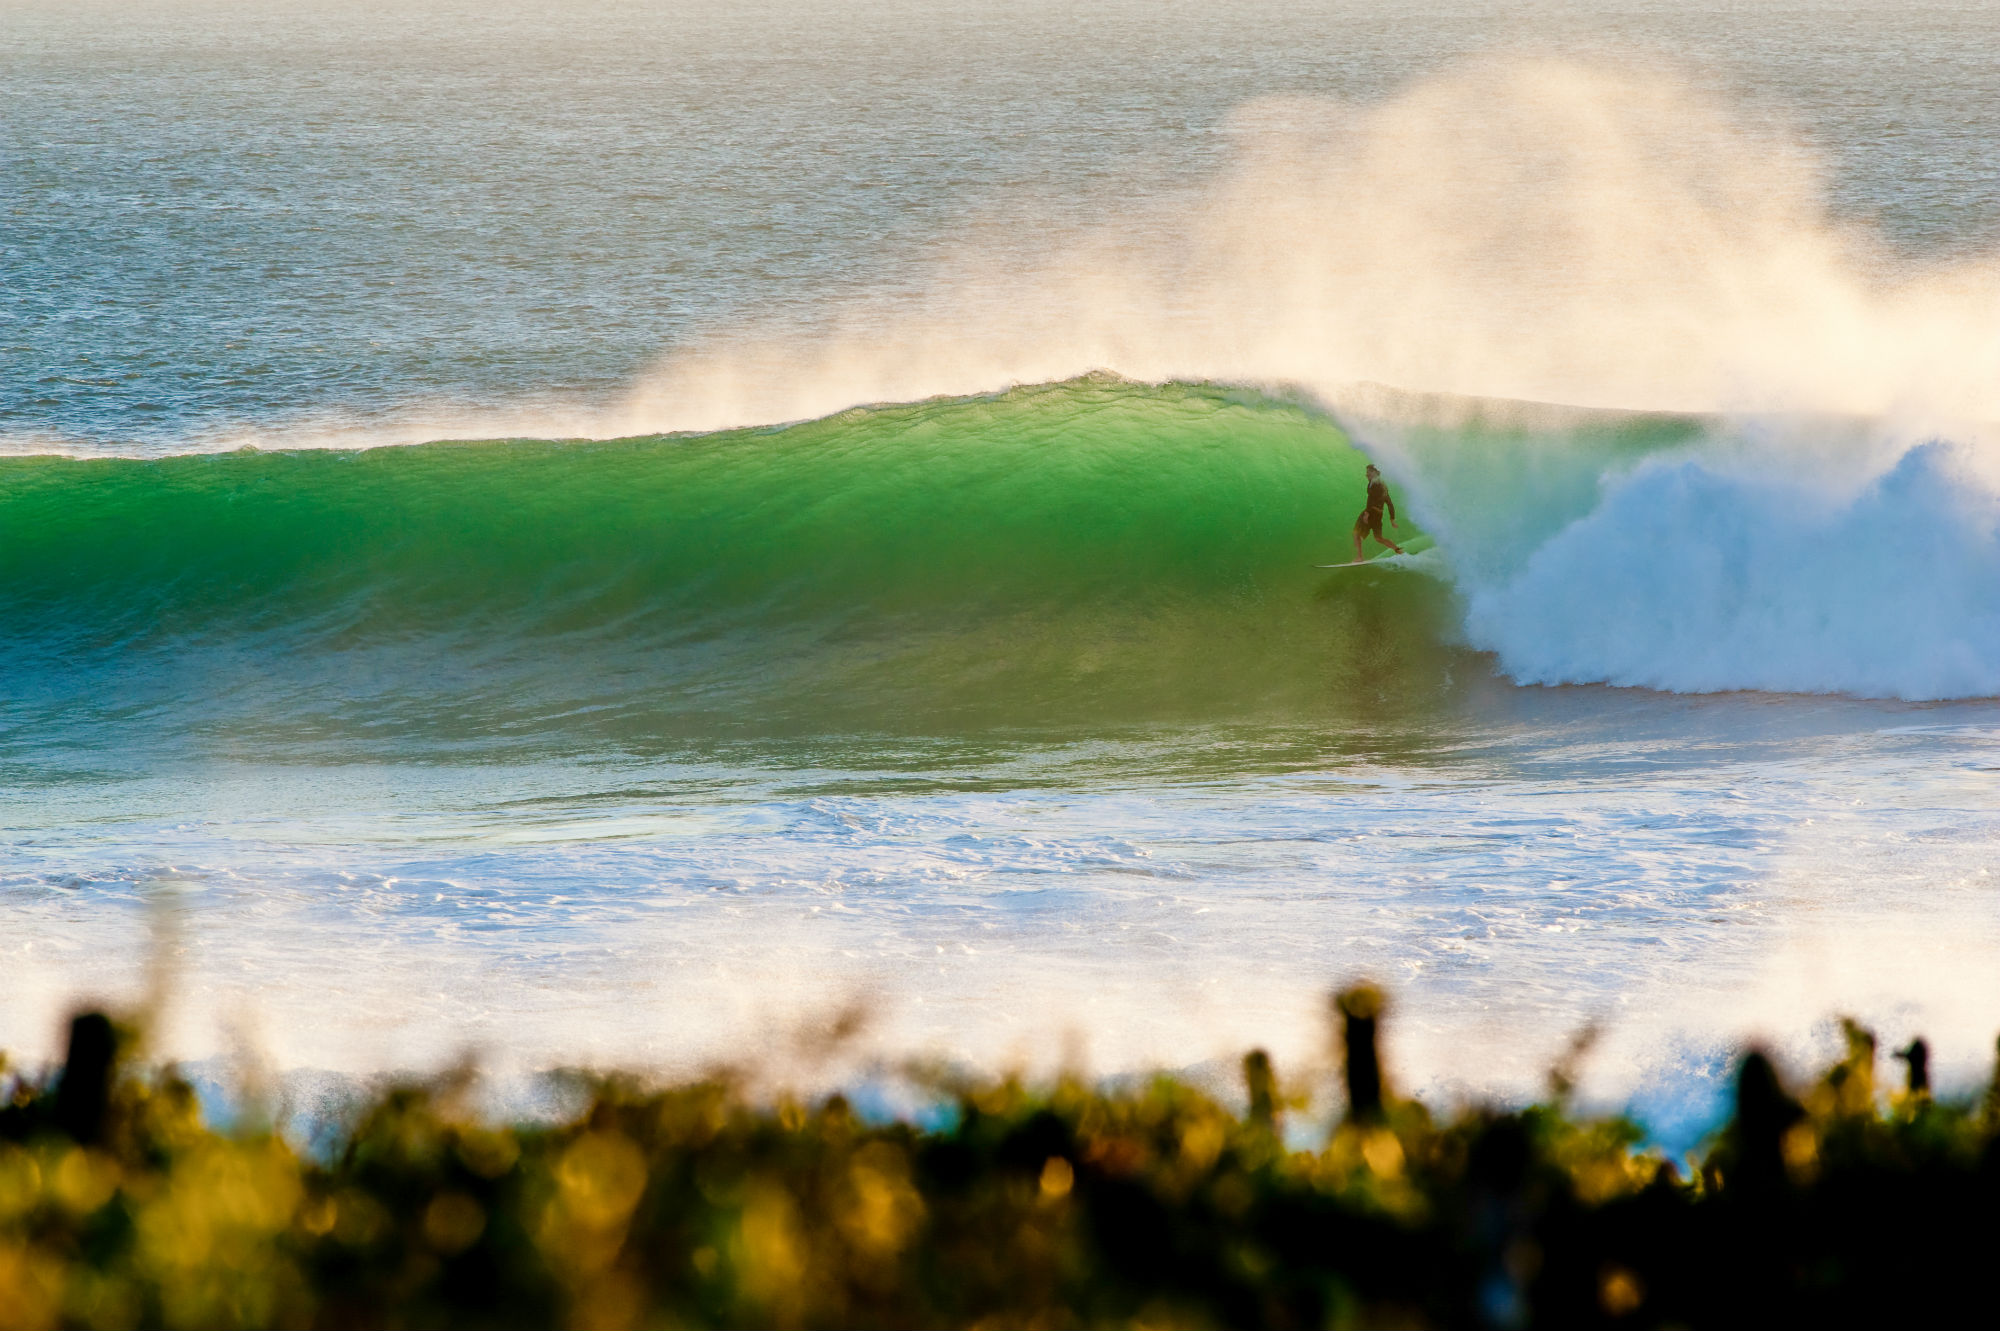 Im Surfcamp Marokko erwarten dich perfekte Wellen und Sonne satt.